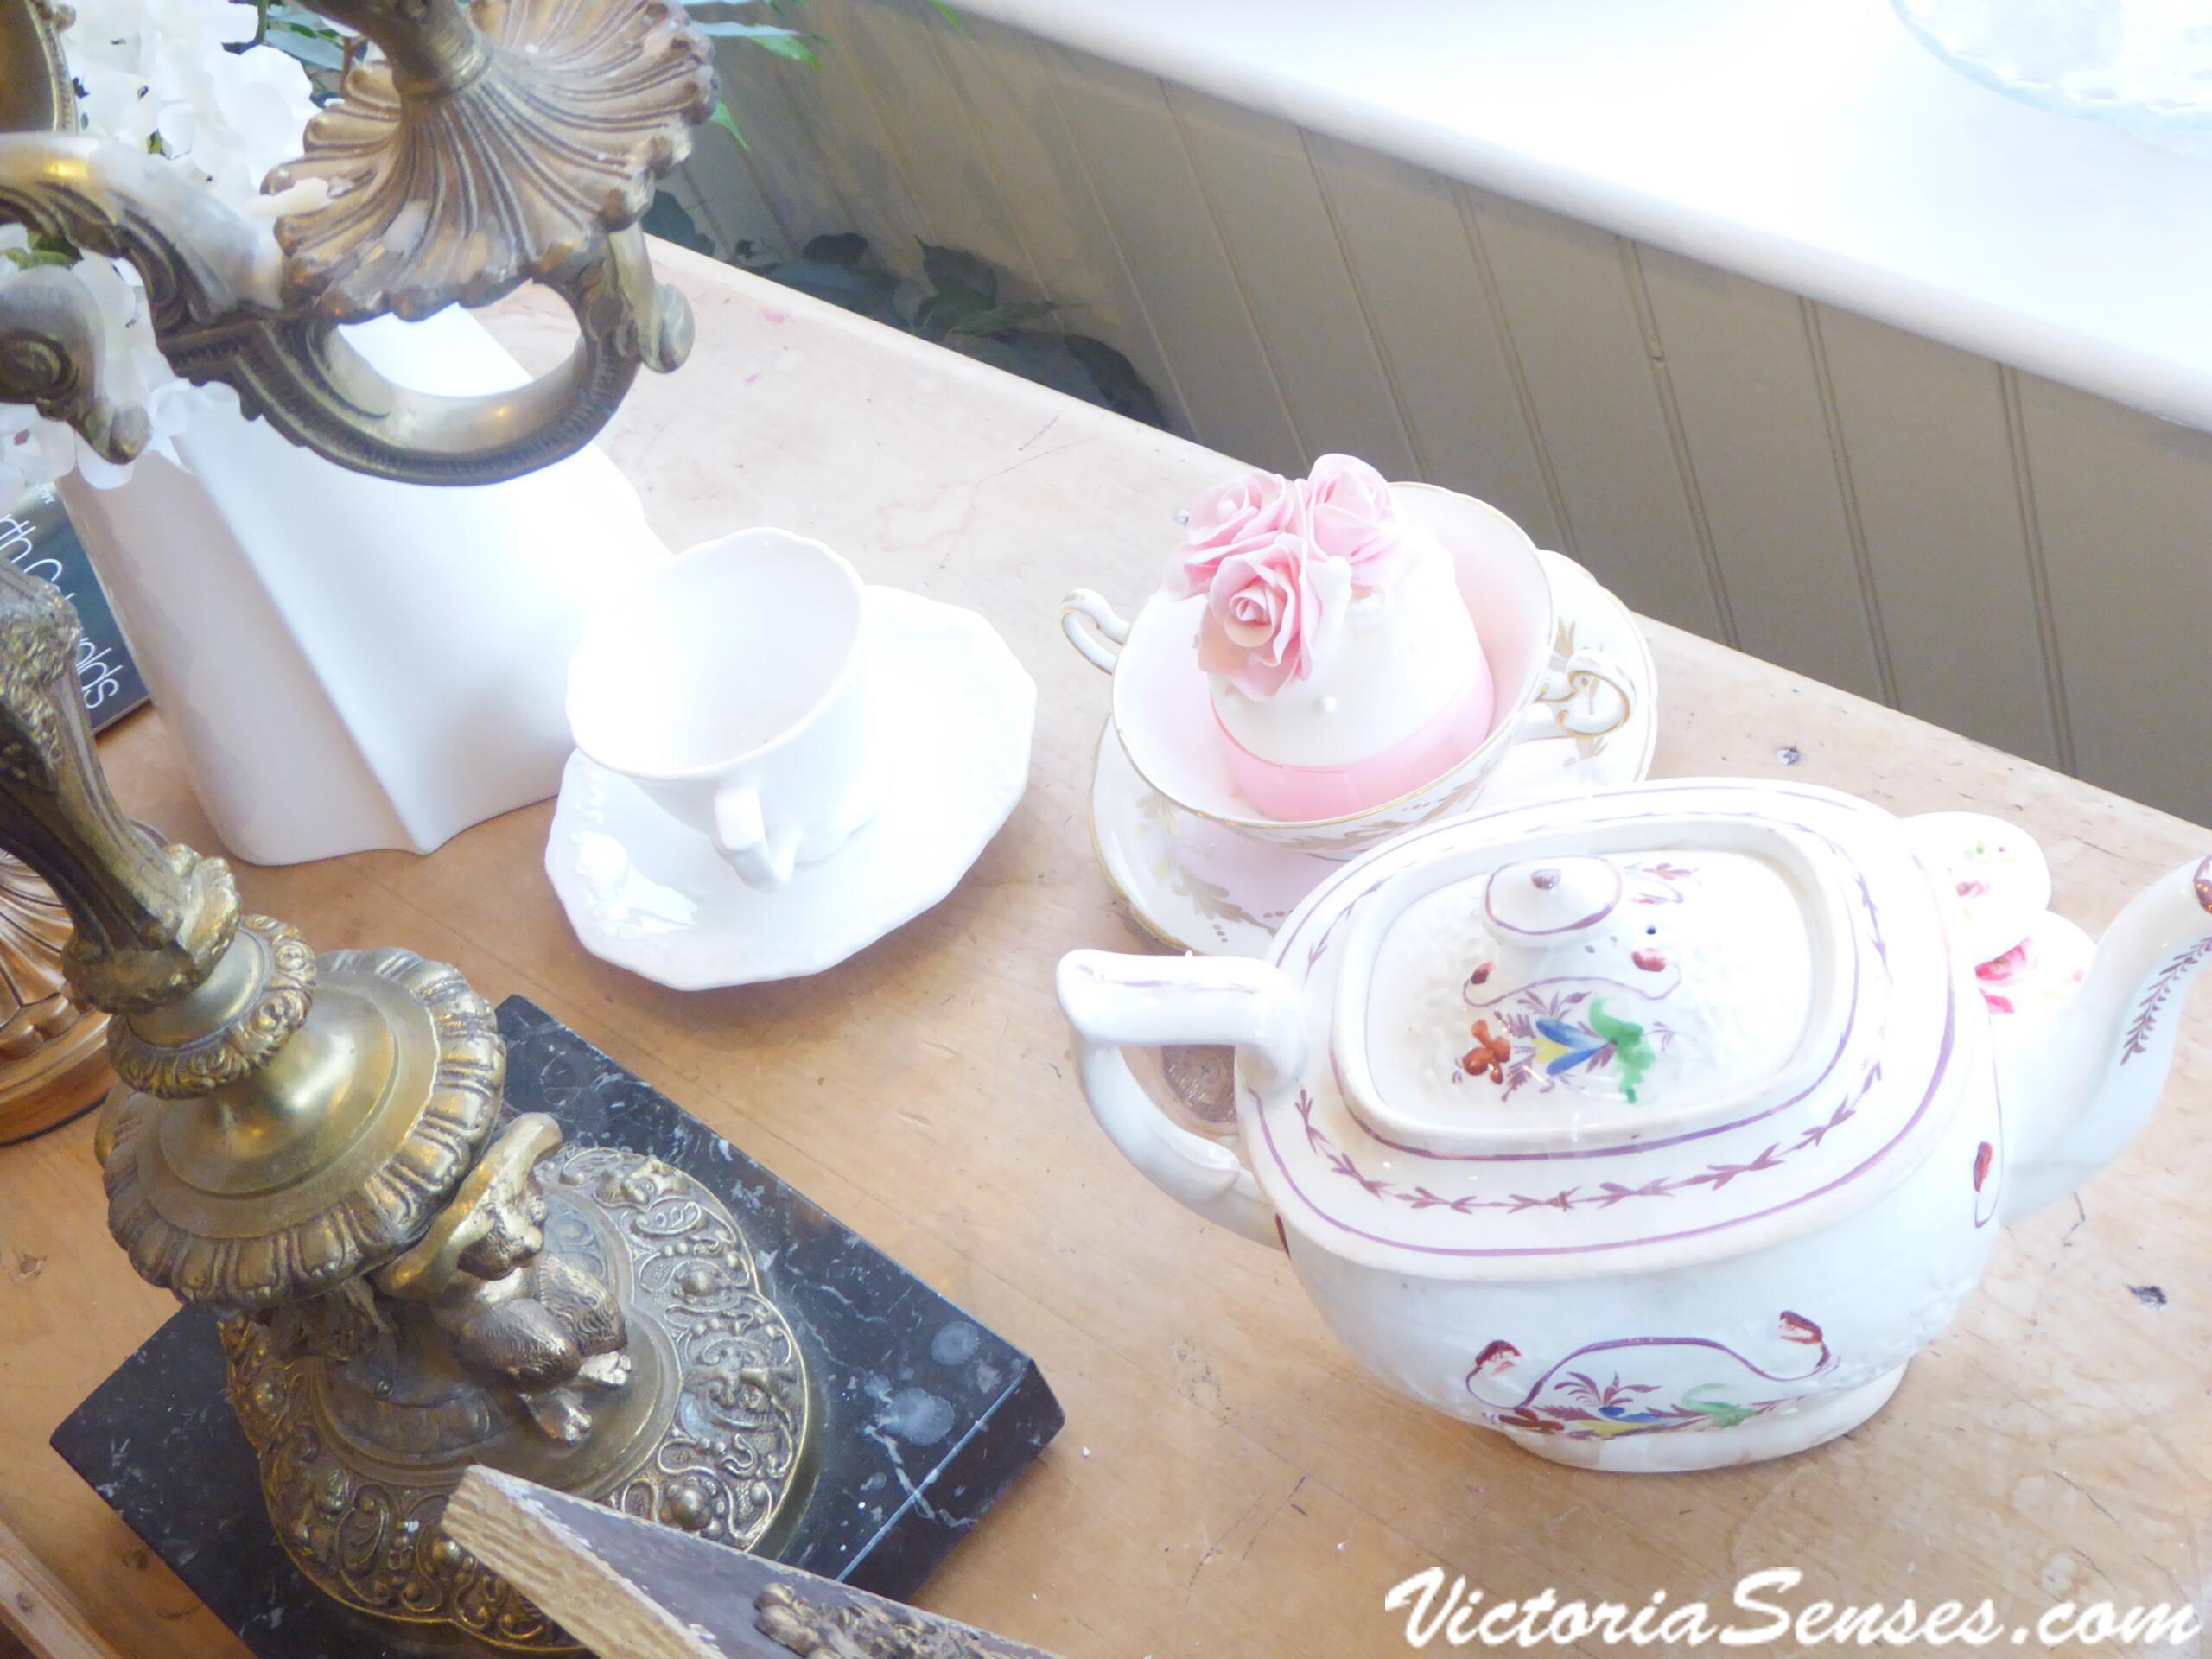 Чаепитие в Англии, английский чай five o'clock, гастрономические записки